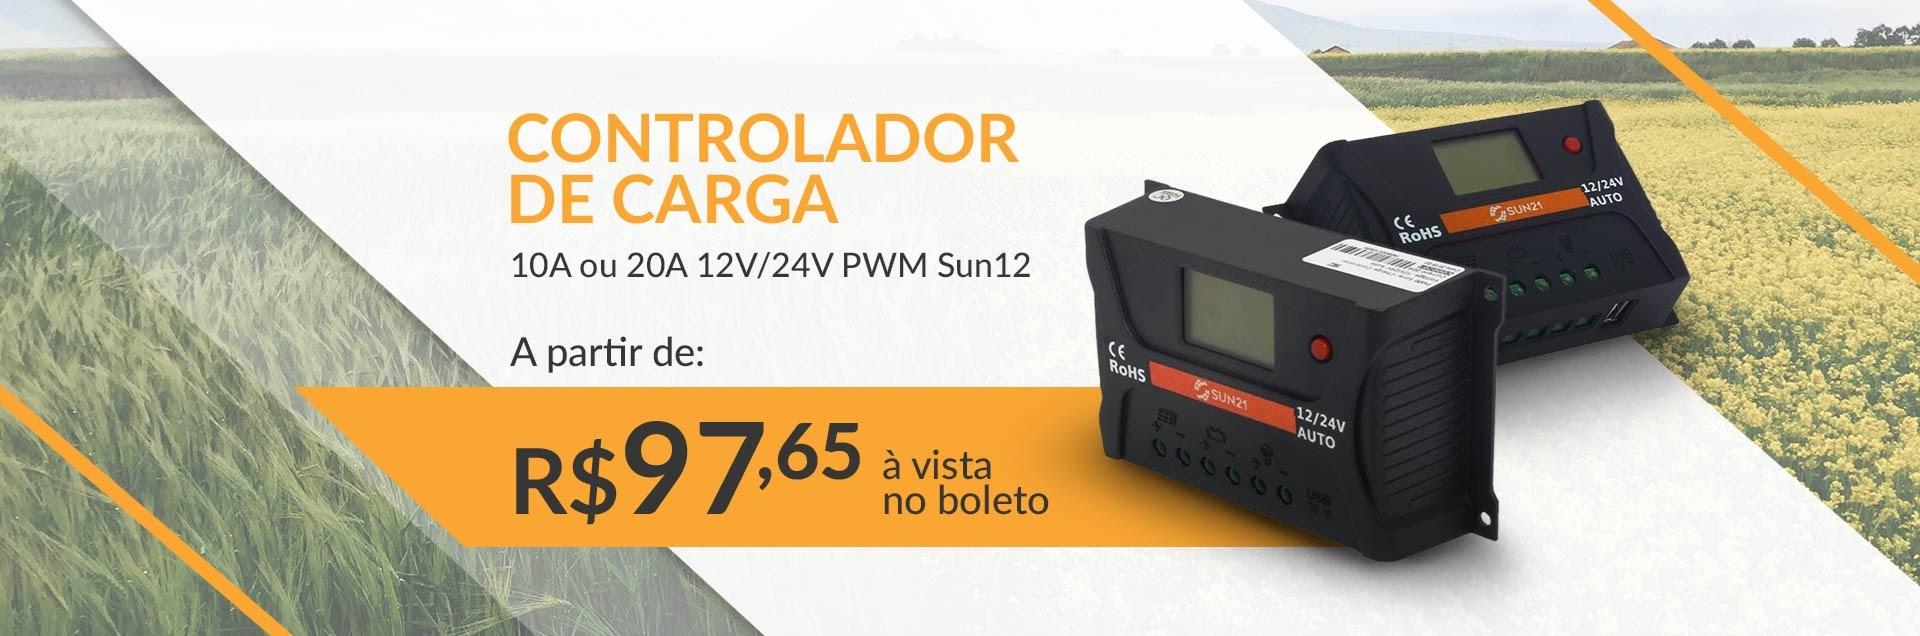 Controlador de Carga PWM Sun21 - Junho